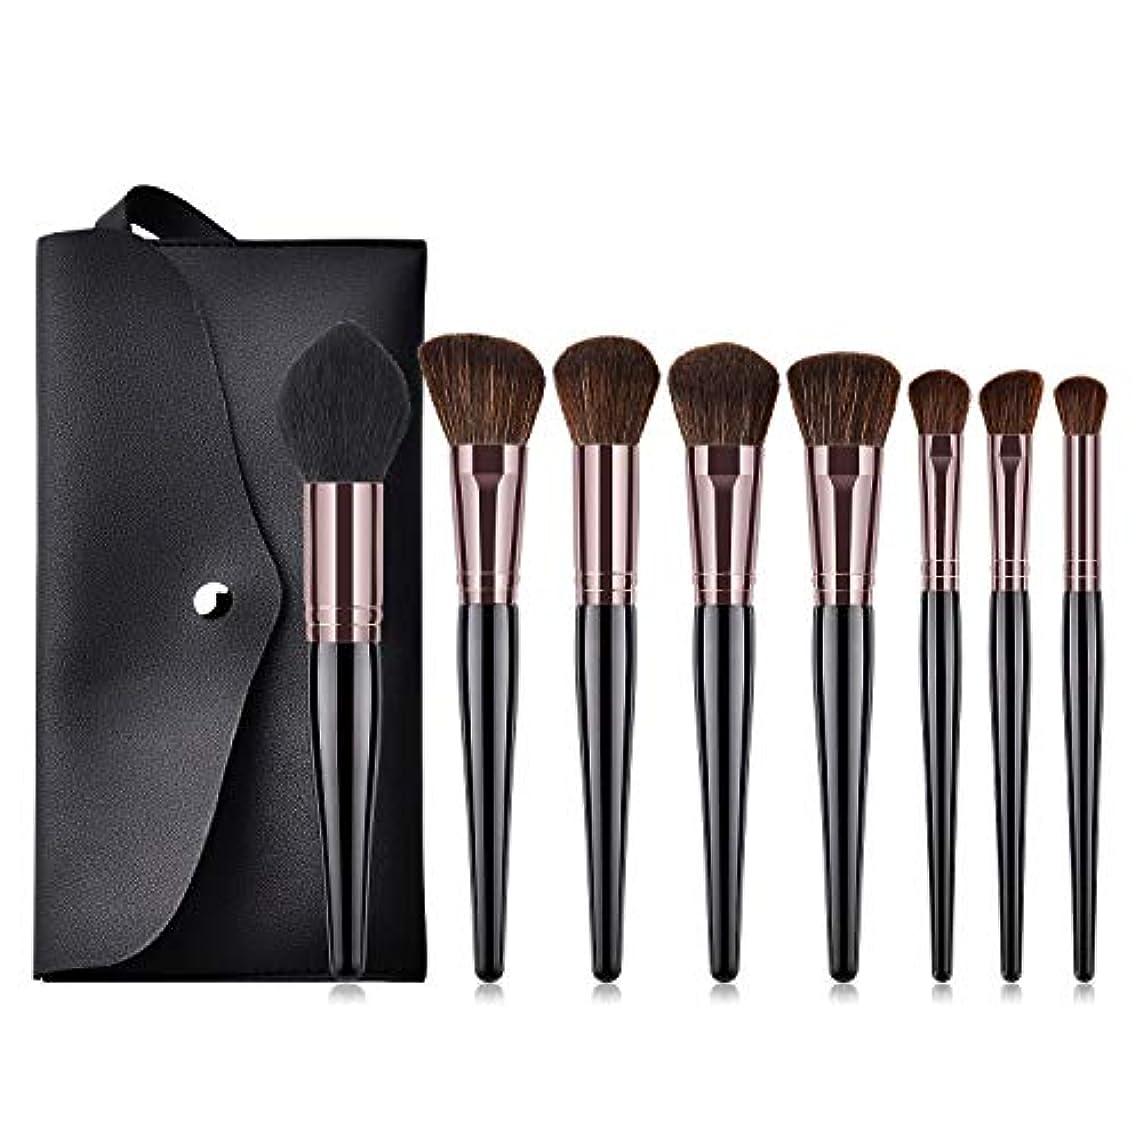 バウンス評価イソギンチャクMakeup brushes PUレザーバッグが付いている贅沢な8つの構造のブラシのUnaffixedの粉のブラシの赤面のブラシのアイシャドウブラシ suits (Color : Black)